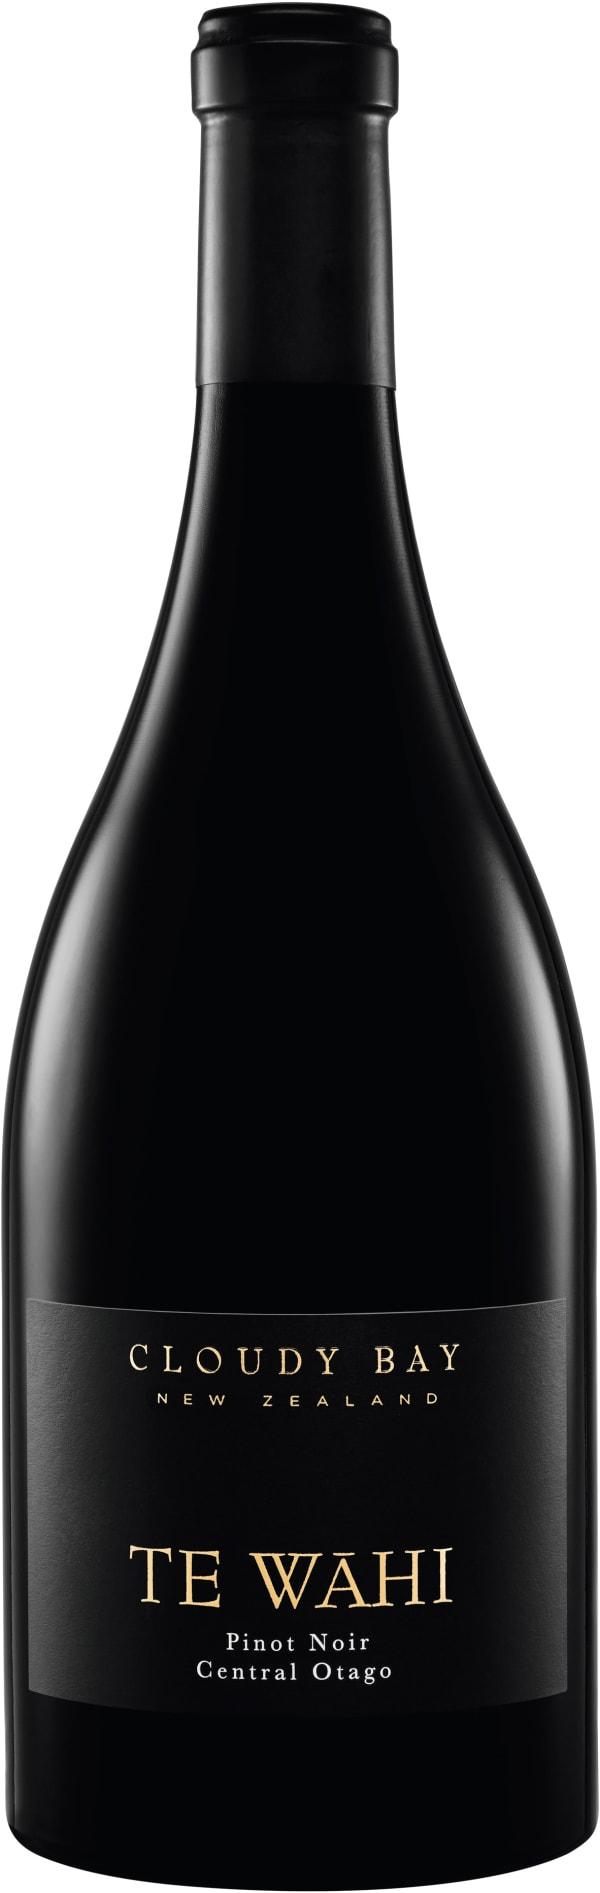 Cloudy Bay Te Wahi Pinot Noir 2014